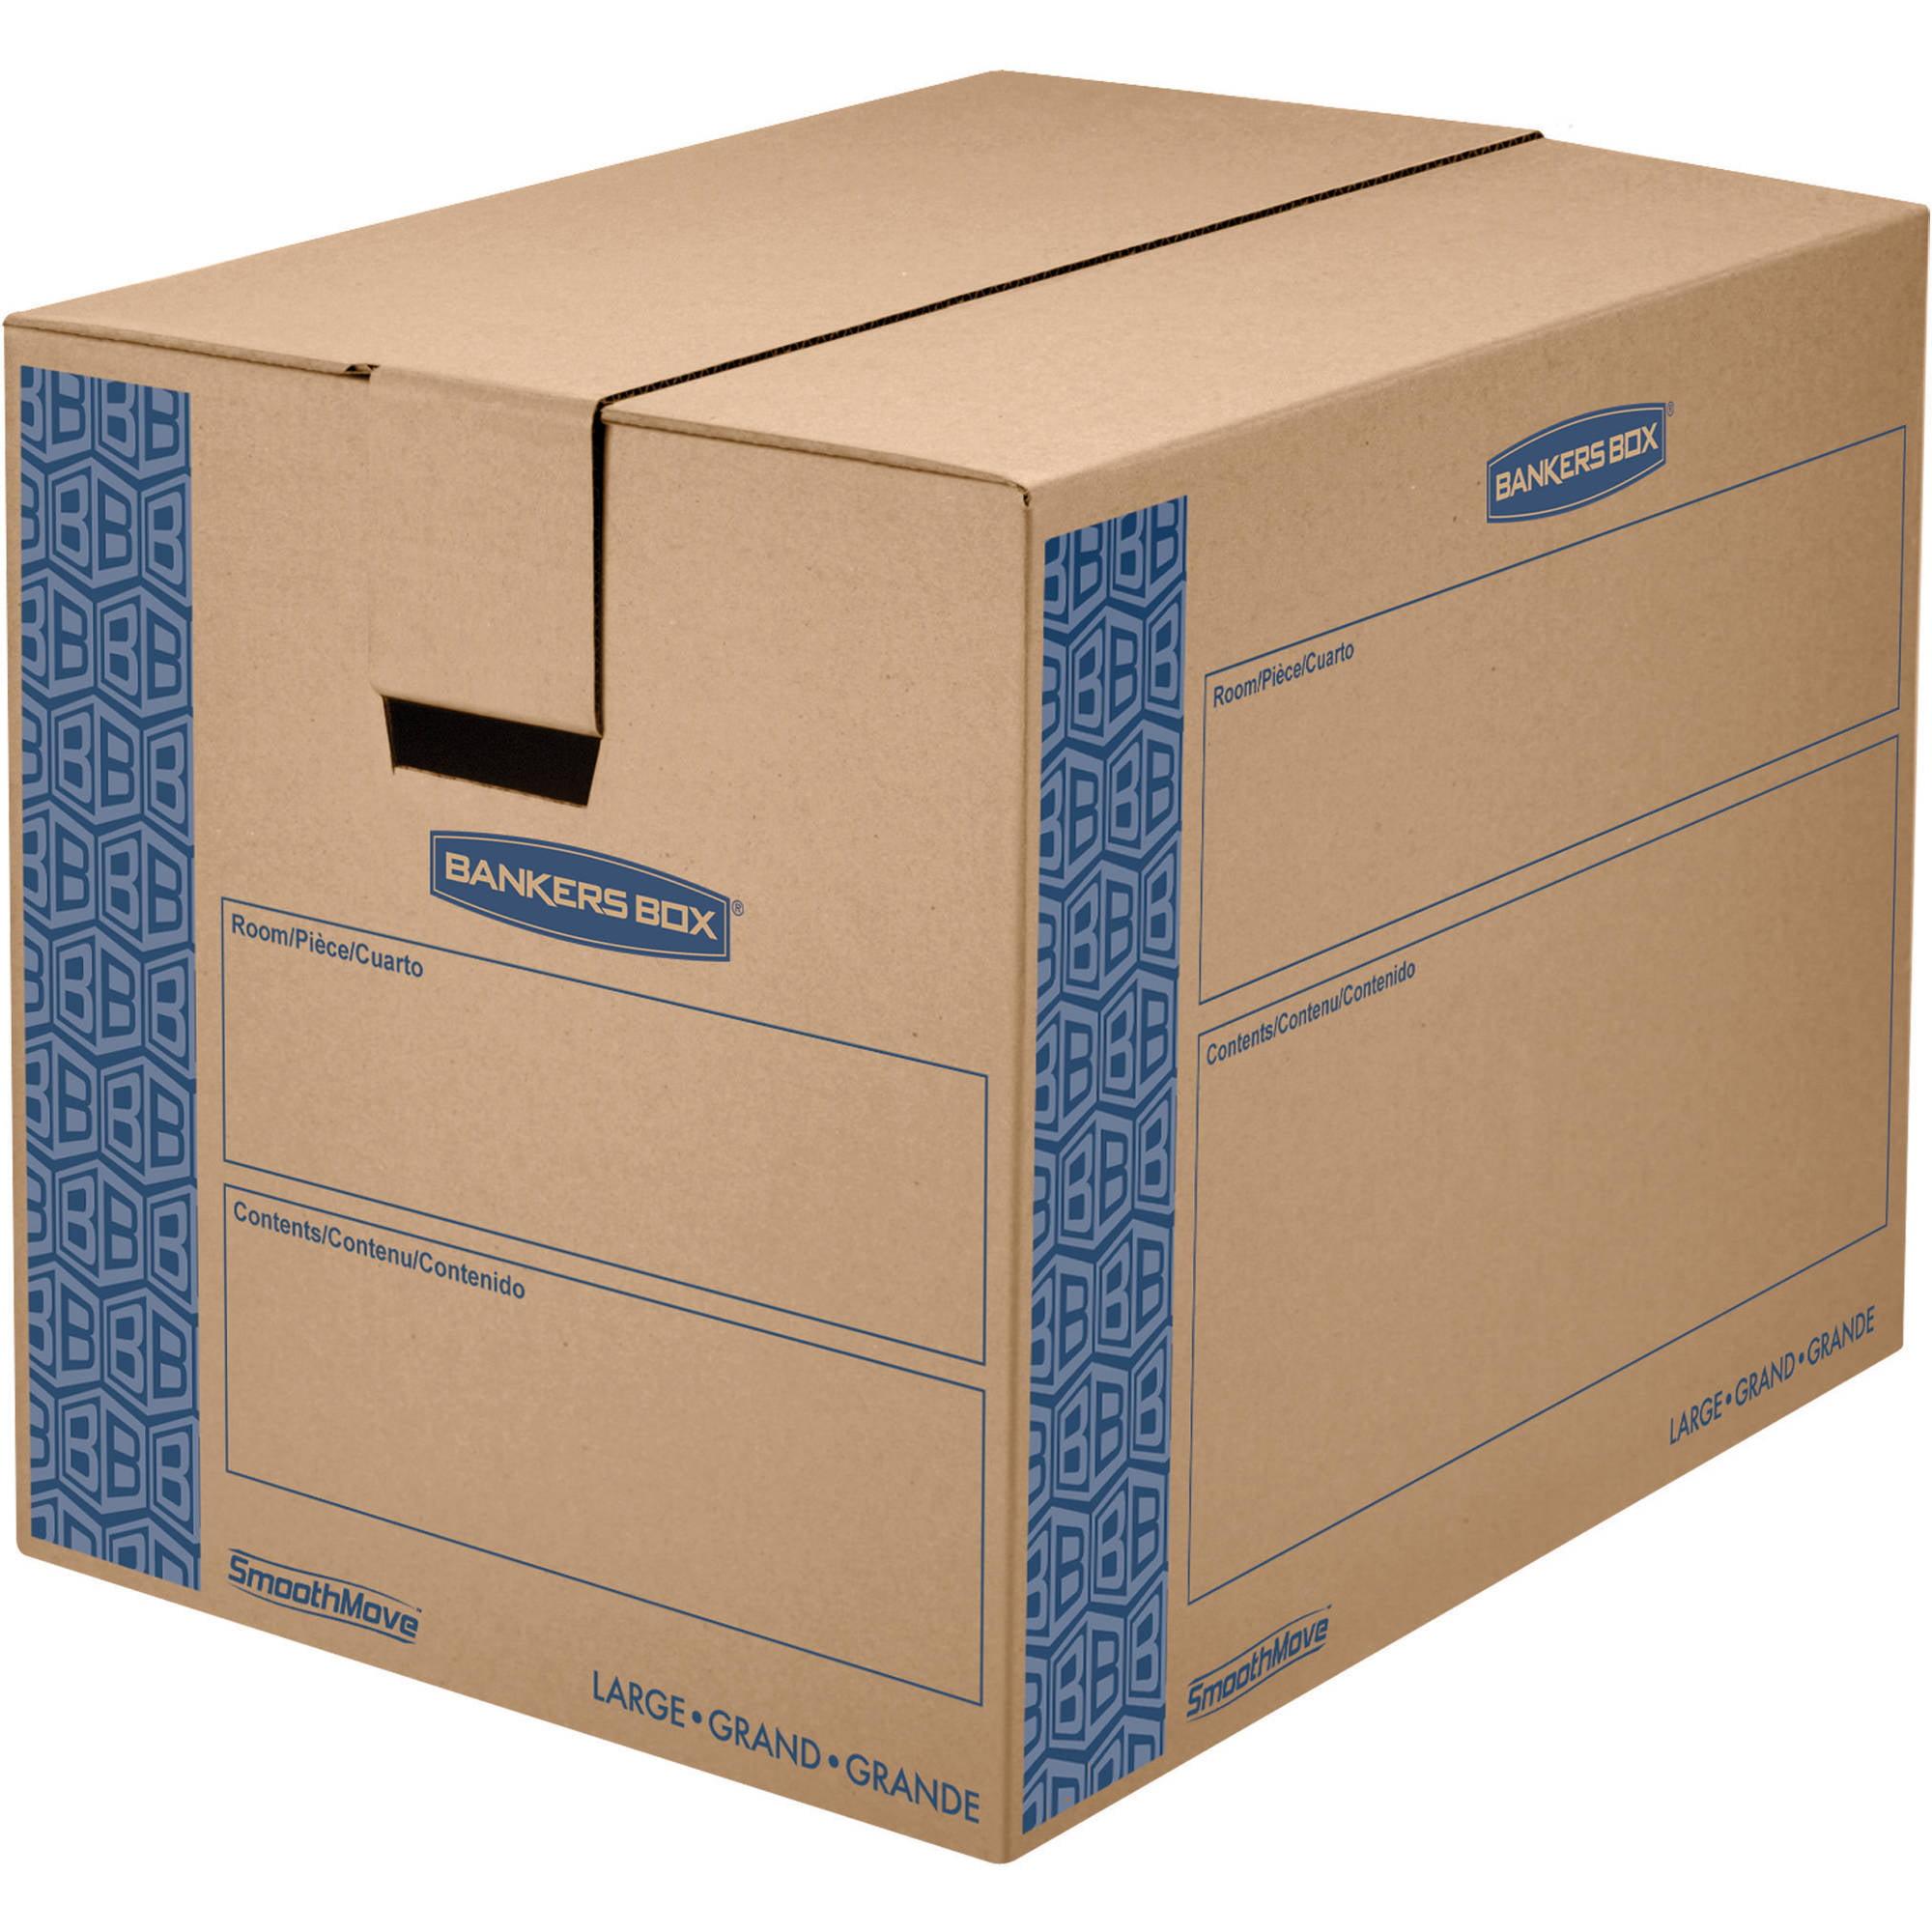 BB SmoothMove Prime Moving Box, Large, 6pk